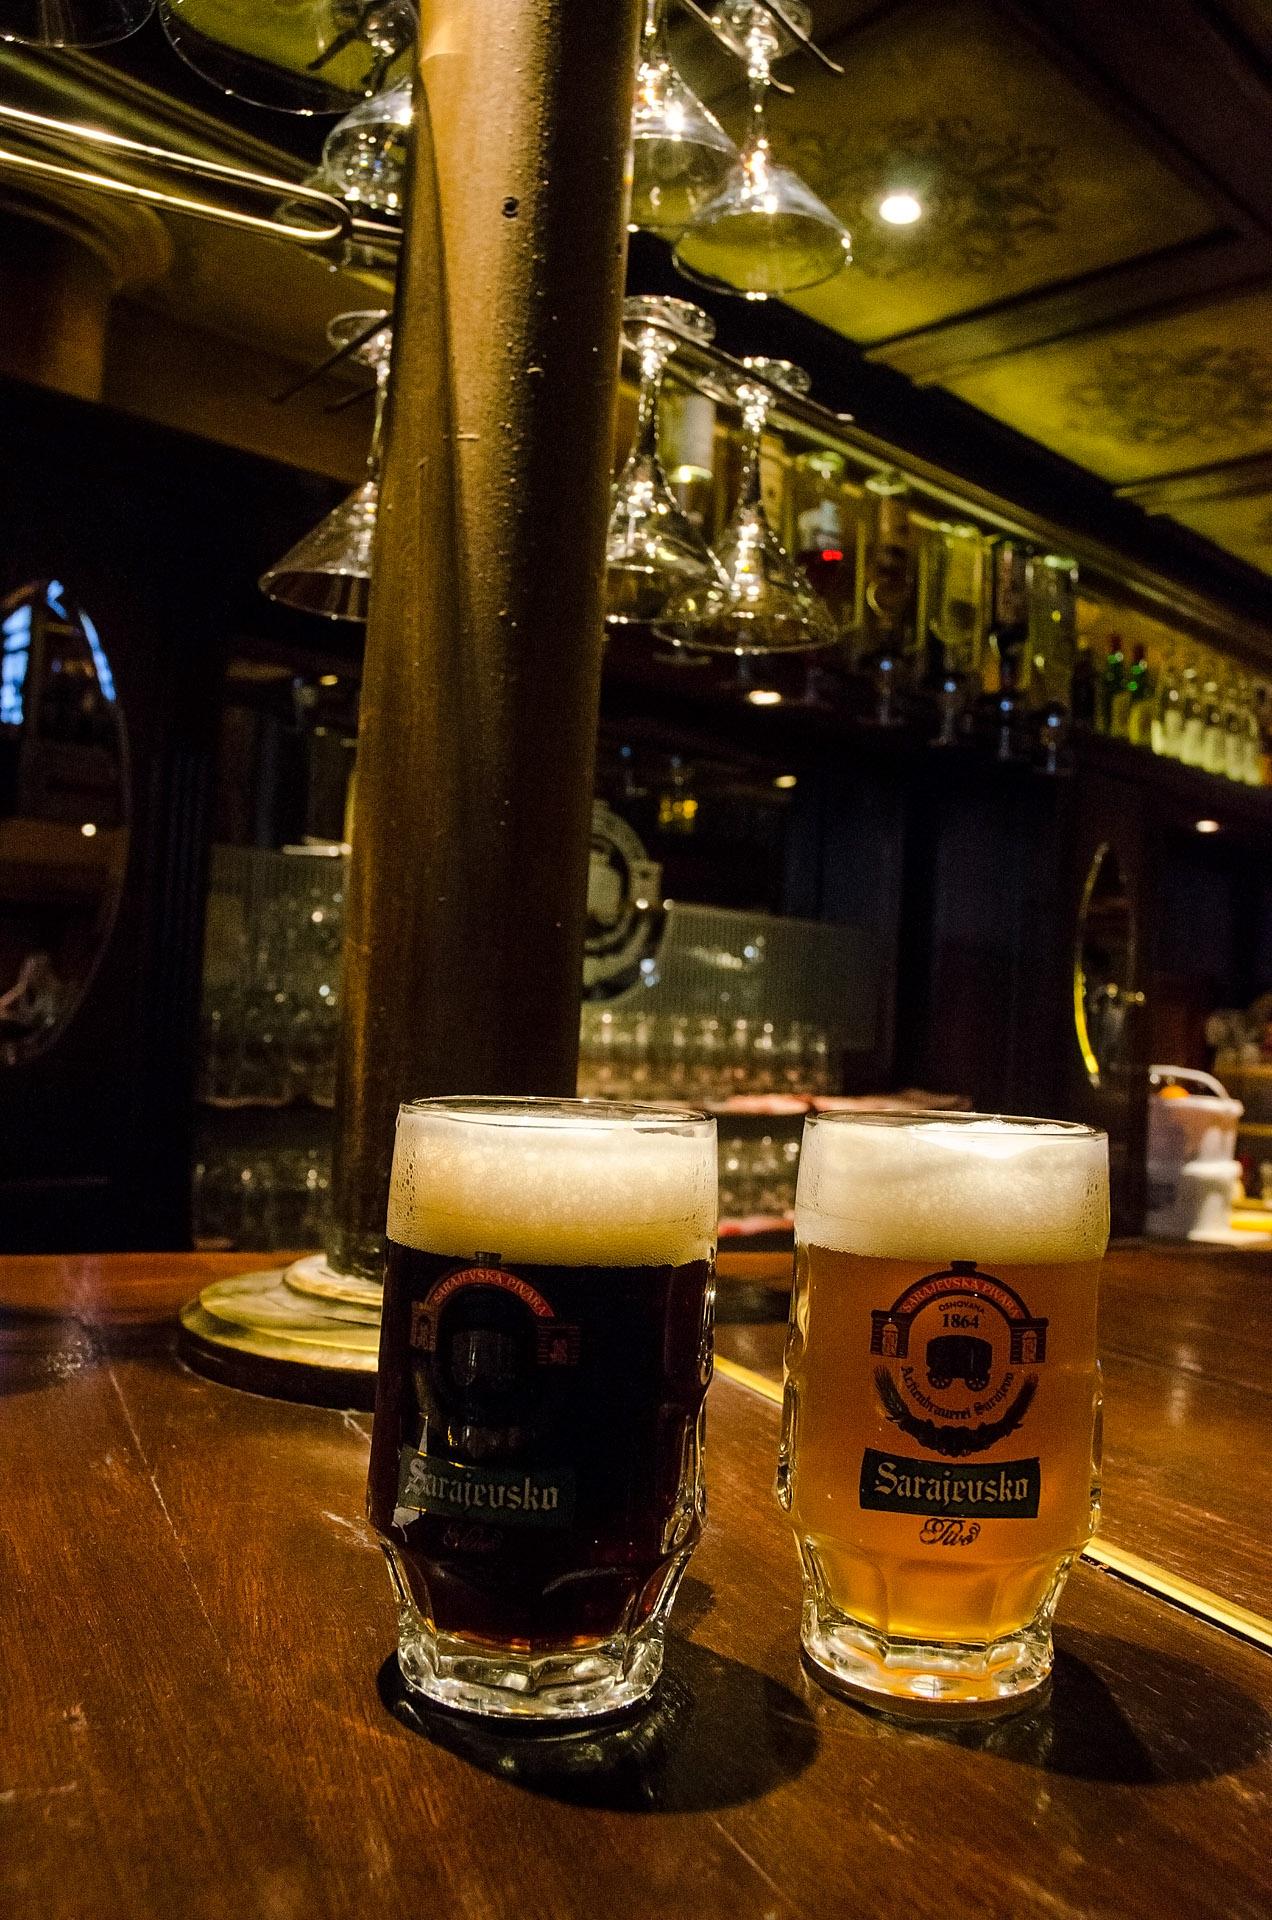 Dark lager & mid lager